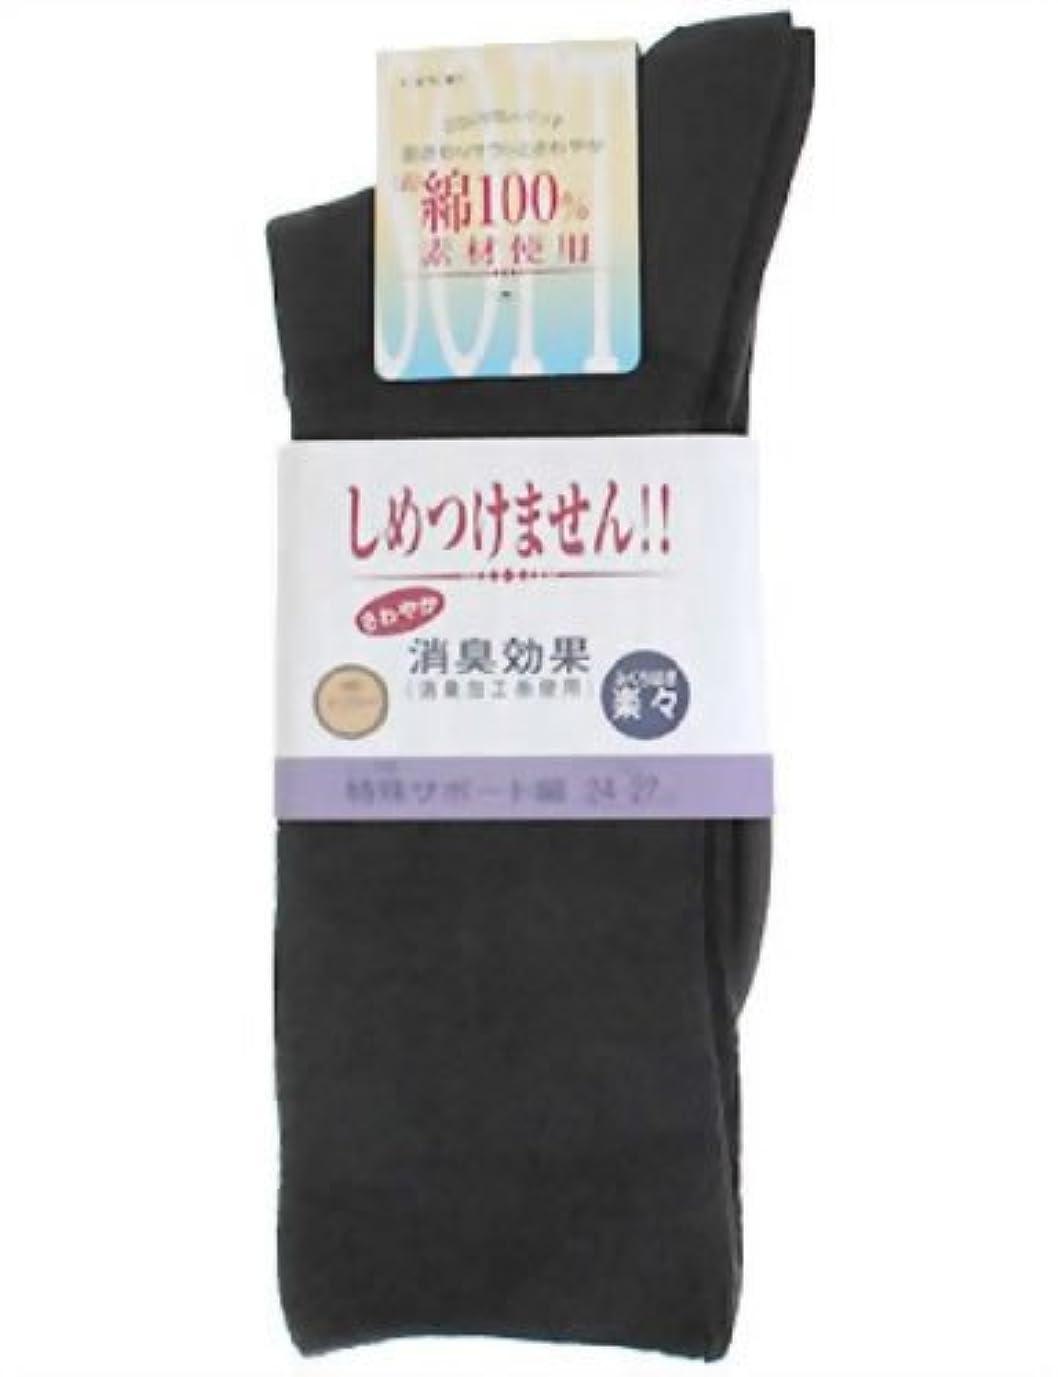 アクセサリー化学今コベス 紳士用 ふくらはぎ楽らくソックス(綿混) ダークグレー 24-27cm